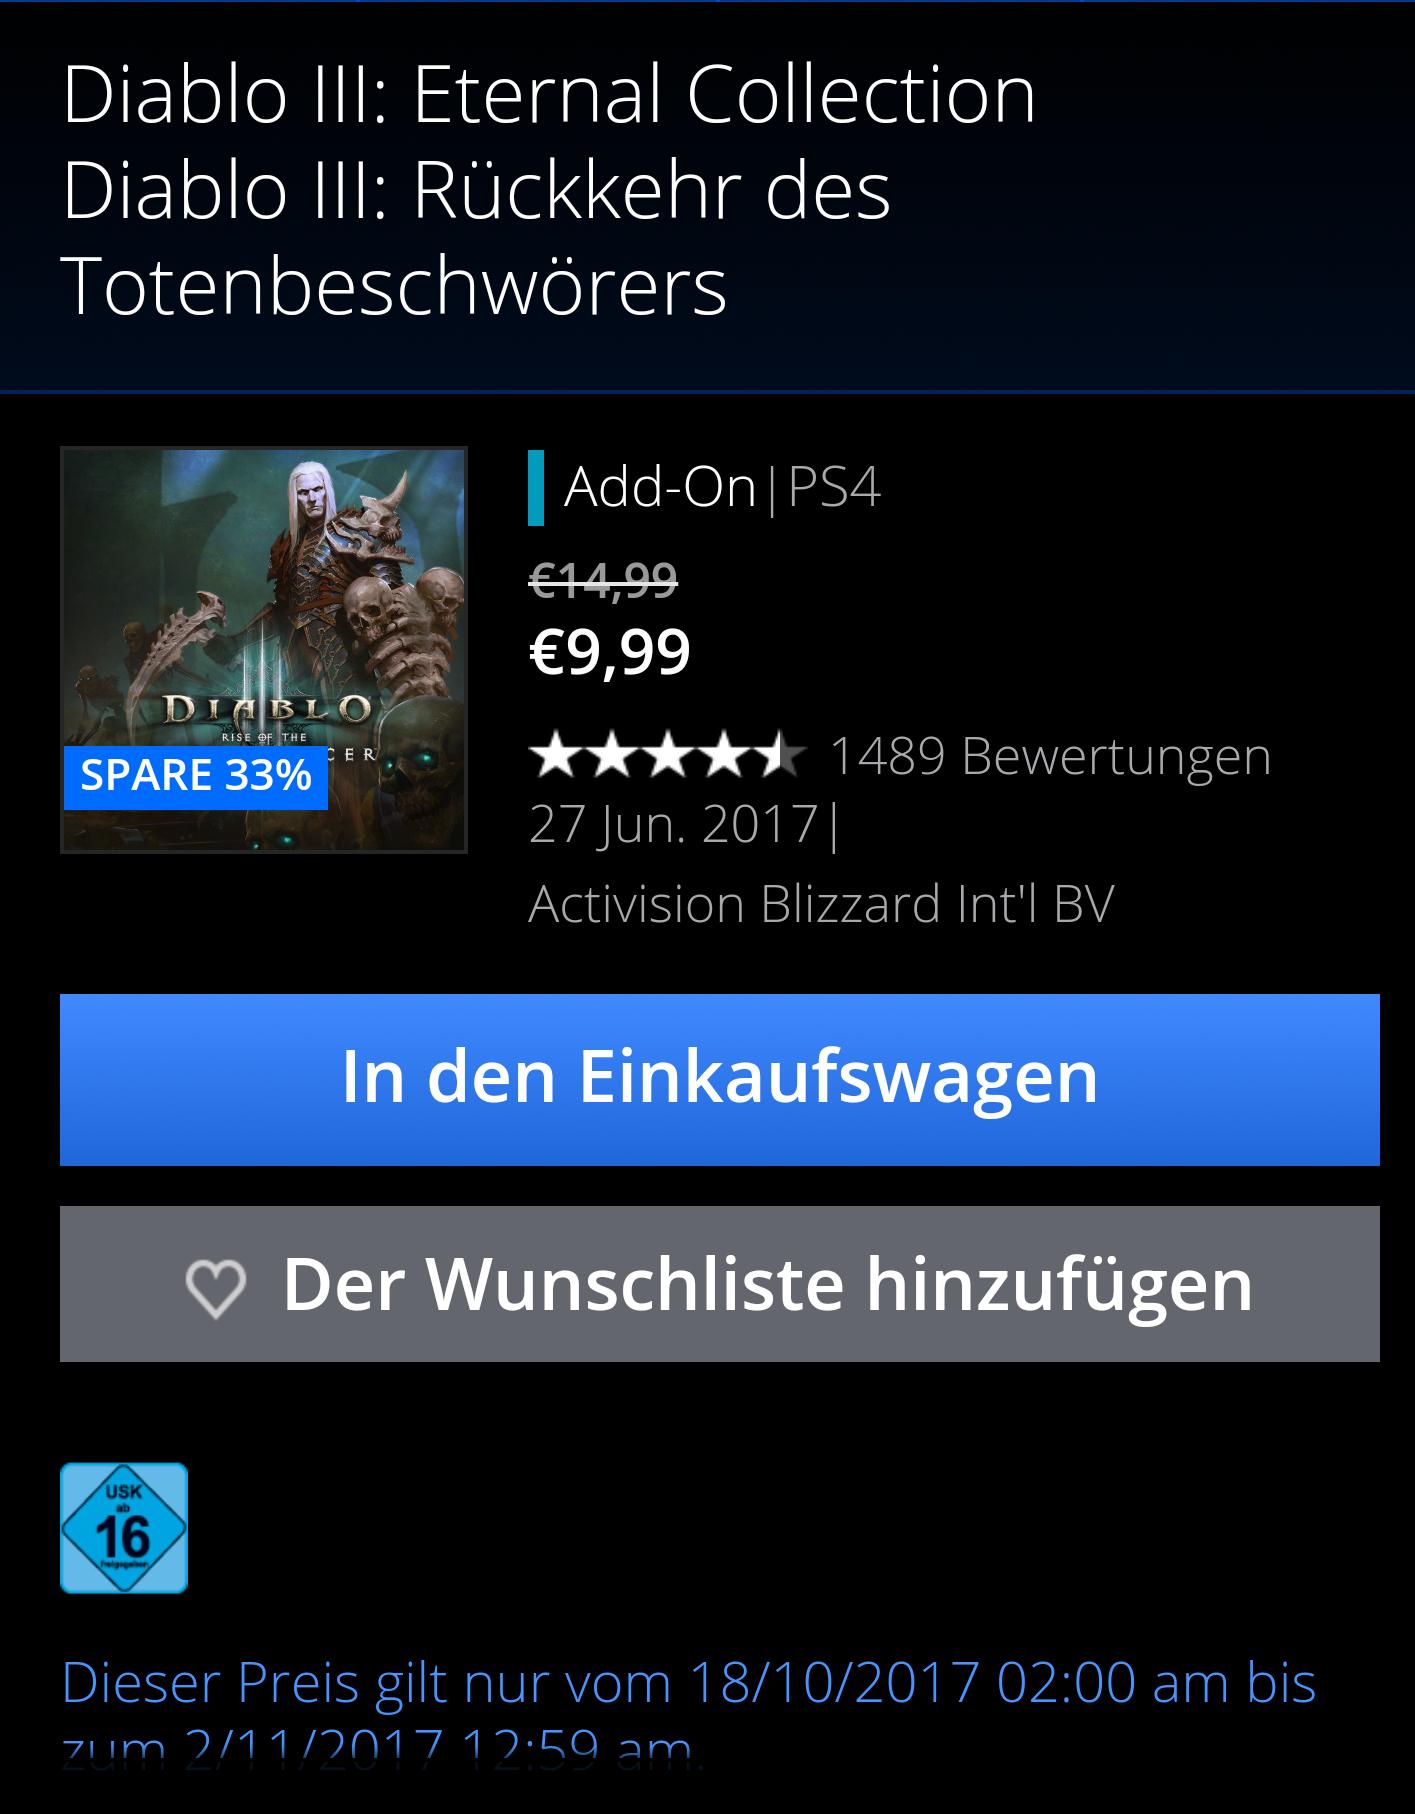 Diablo 3 Totenbeschwörer Addon PS4 reduziert im PSN und bei Amazon